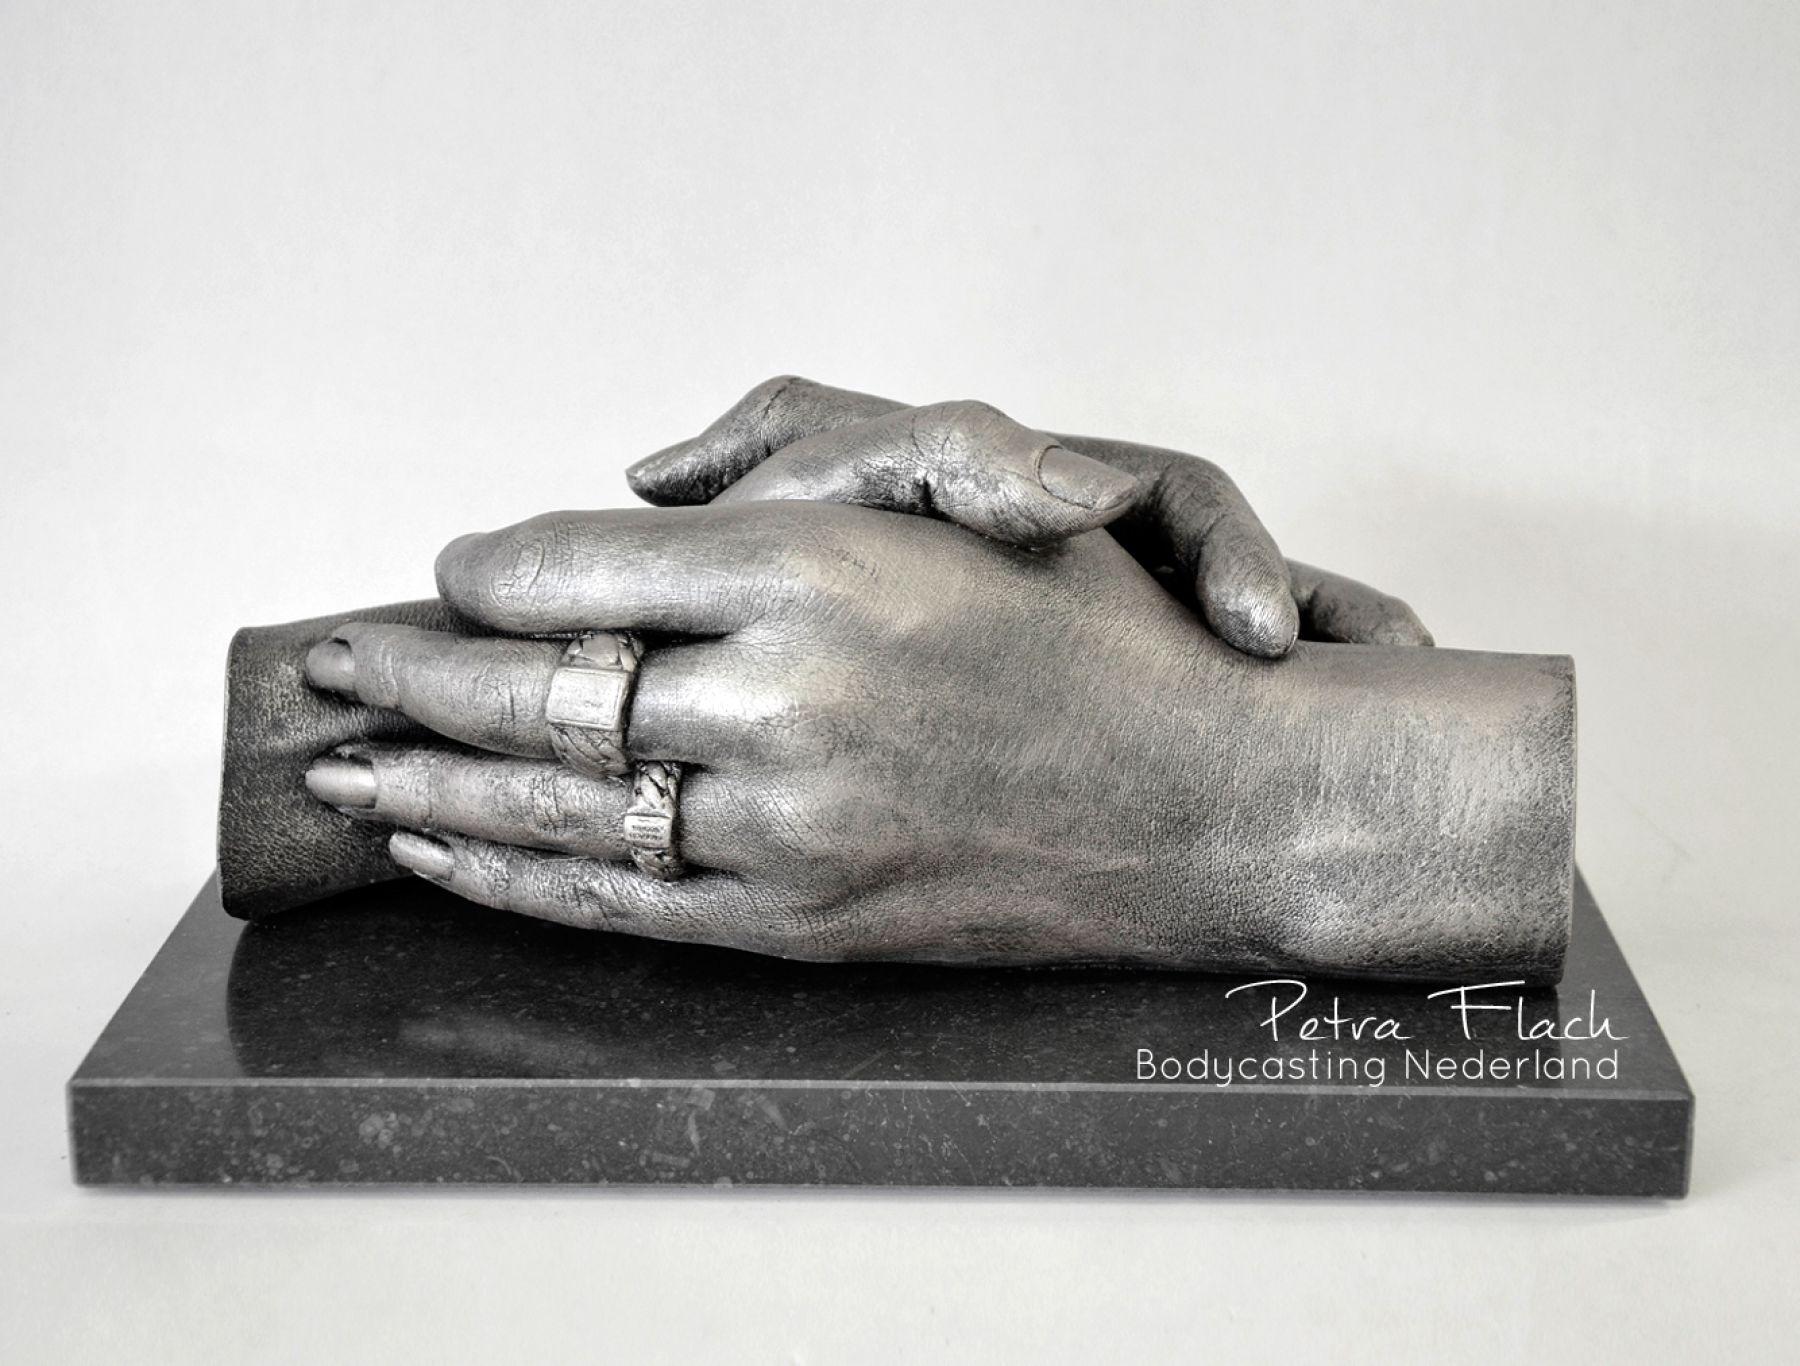 Bodycasting-lifecasting-beeld-handen-3D-handafdruk-kunst-petraflach-ringen-liefde-love-art-bodycastingnederland-kunstwerk-hands